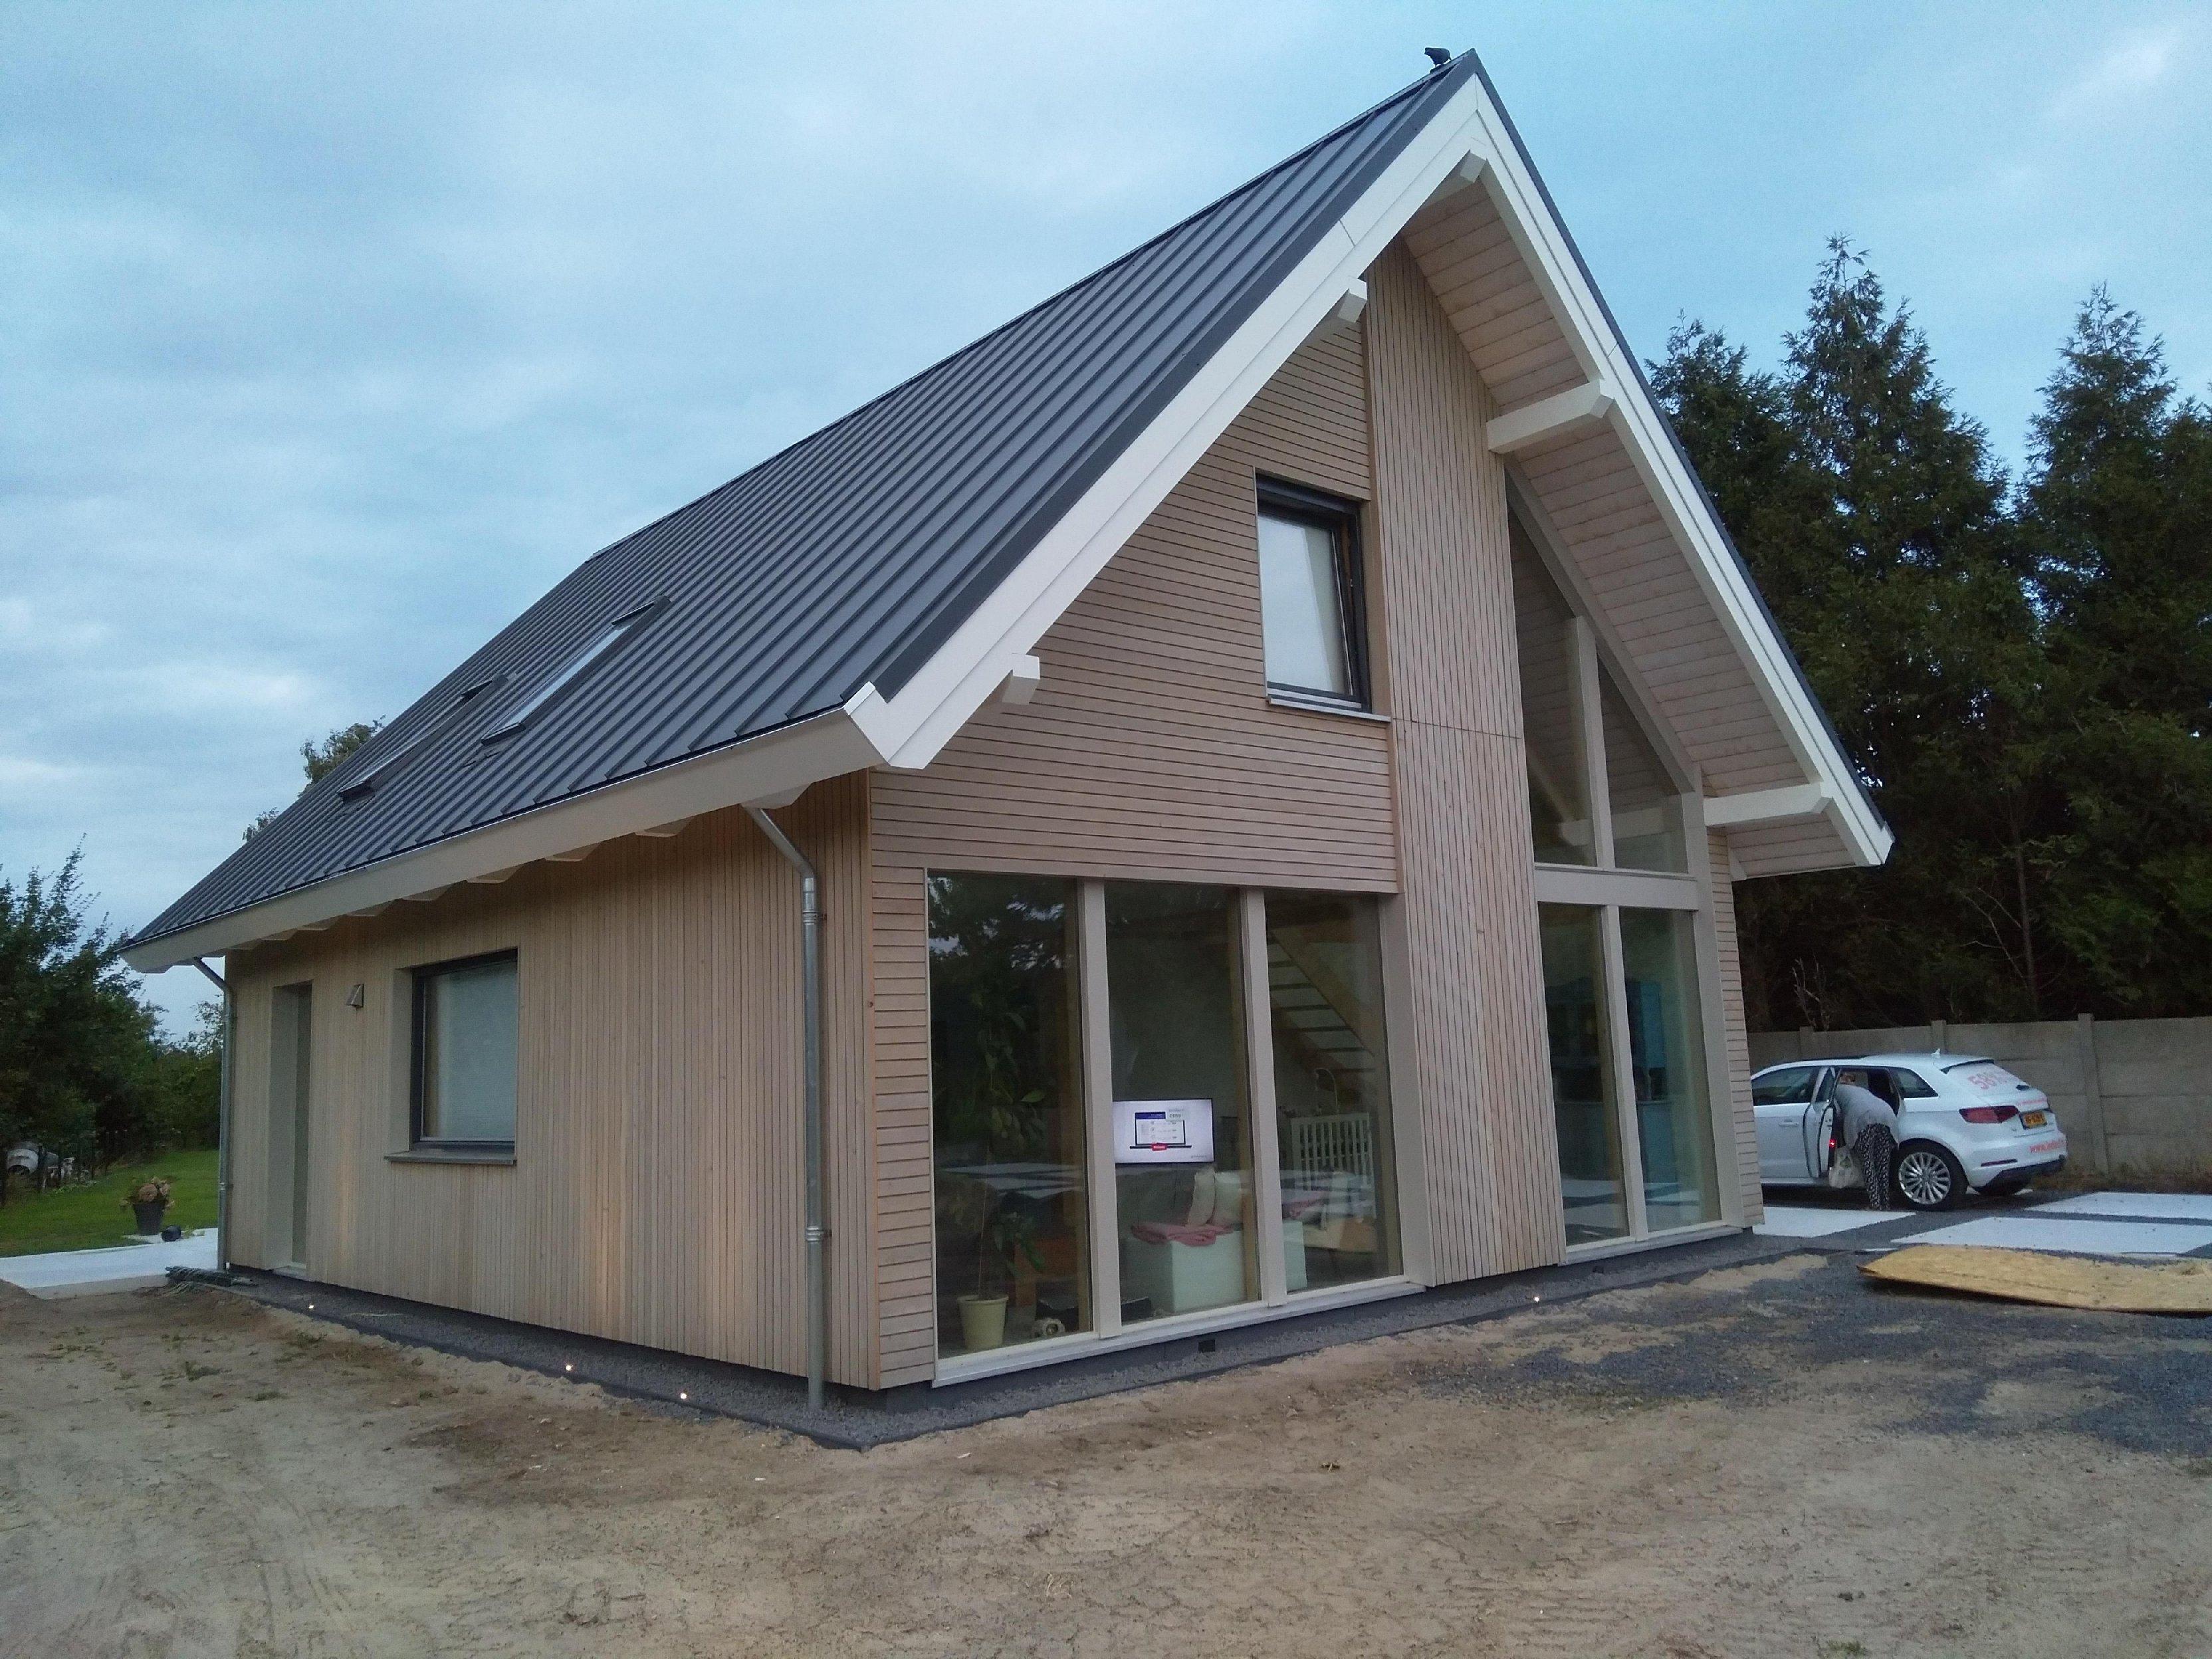 Schuurwoning Bouwen Kosten : Schuurwoning kruisland schuurwoning bouwen